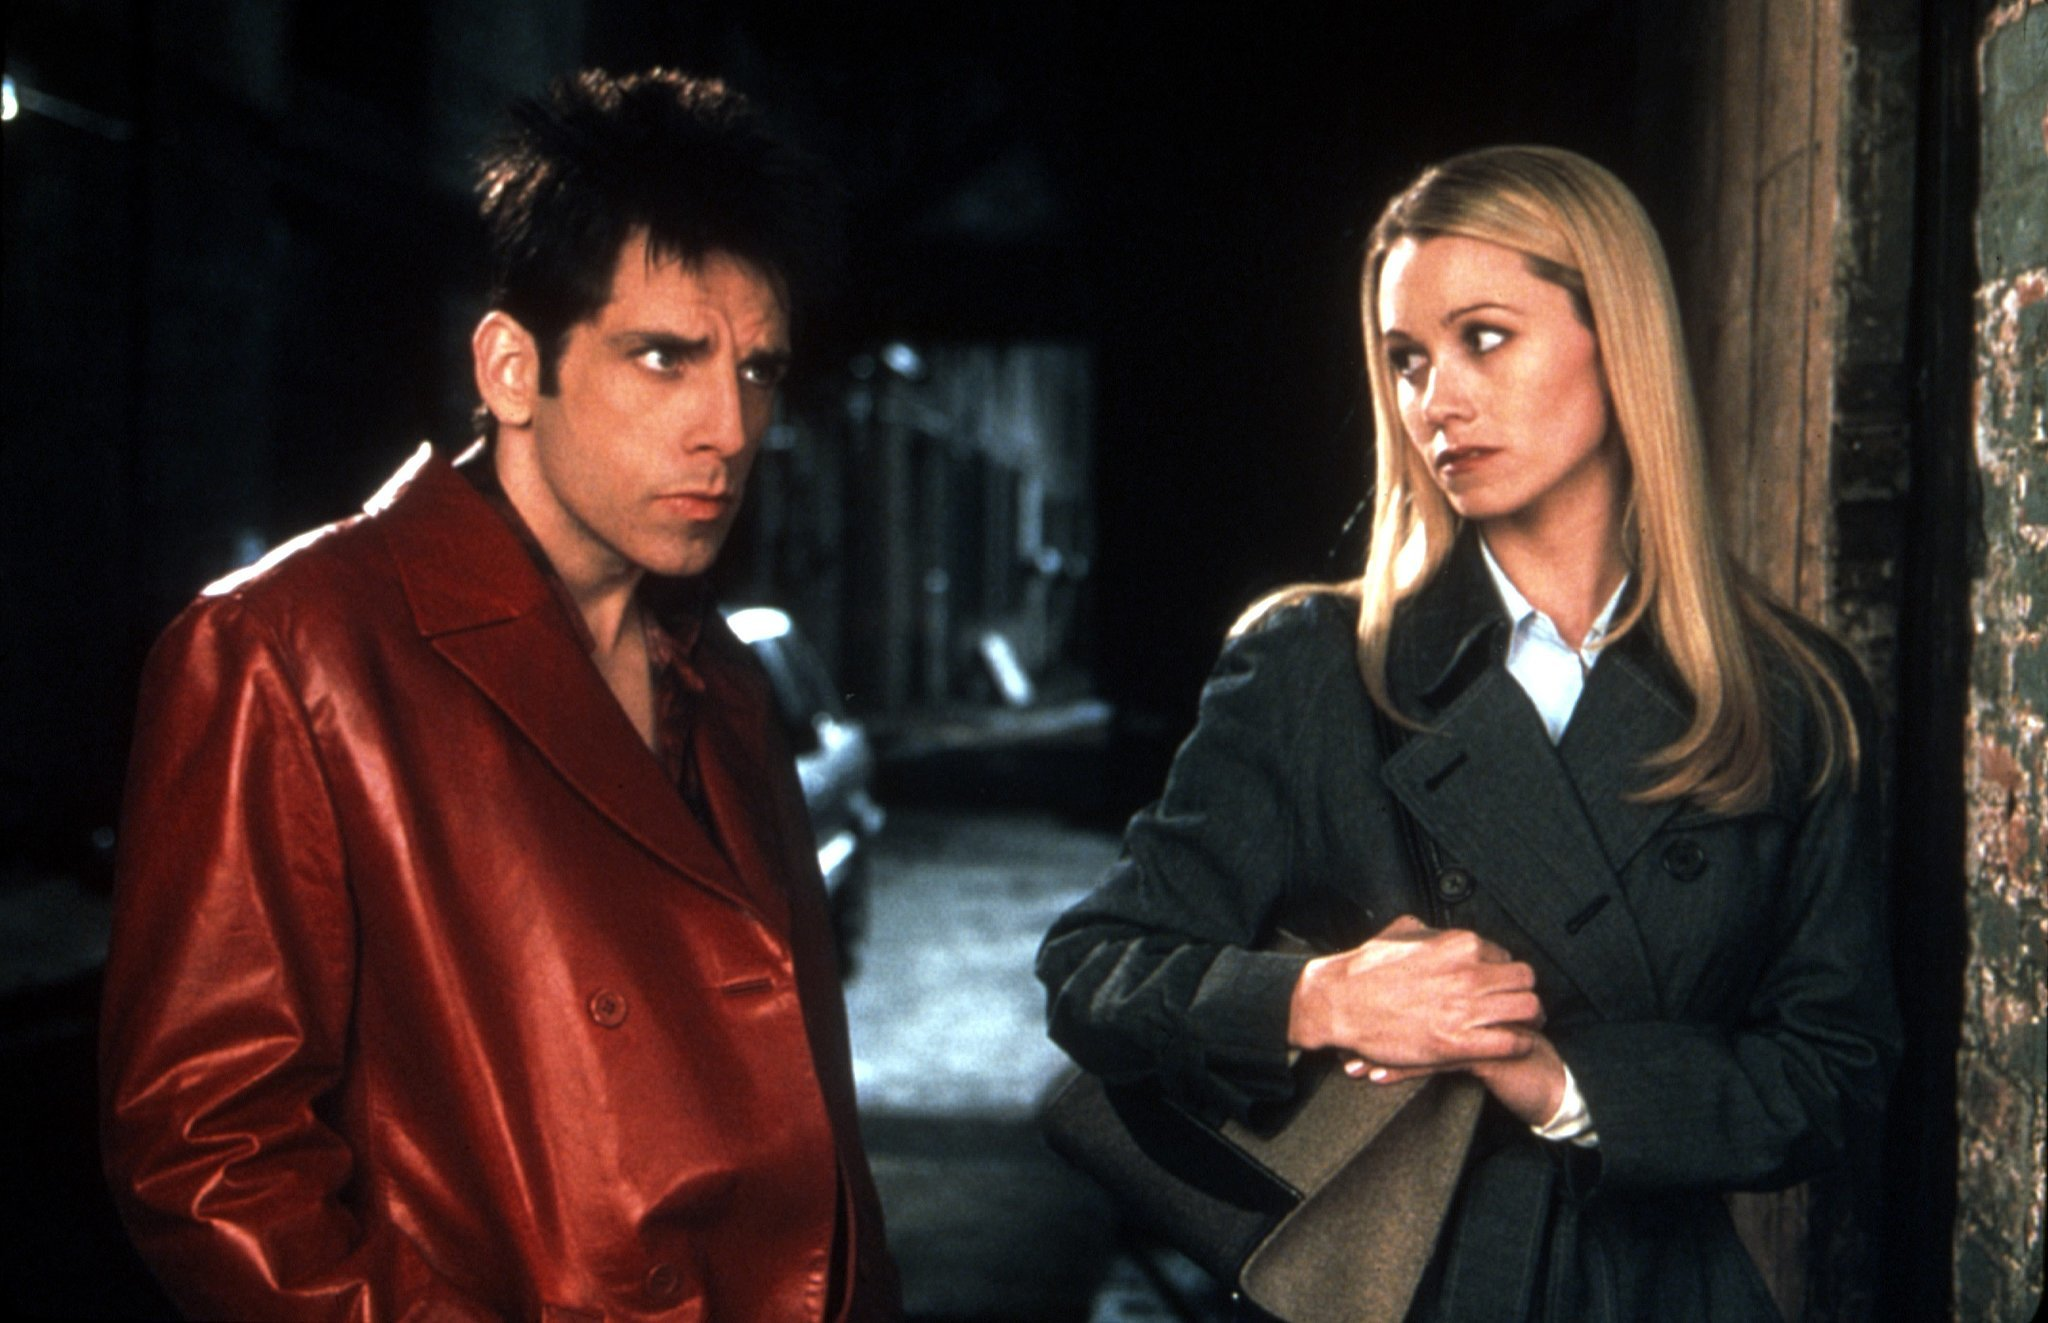 Ben Stiller and Christine Taylor, Zoolander